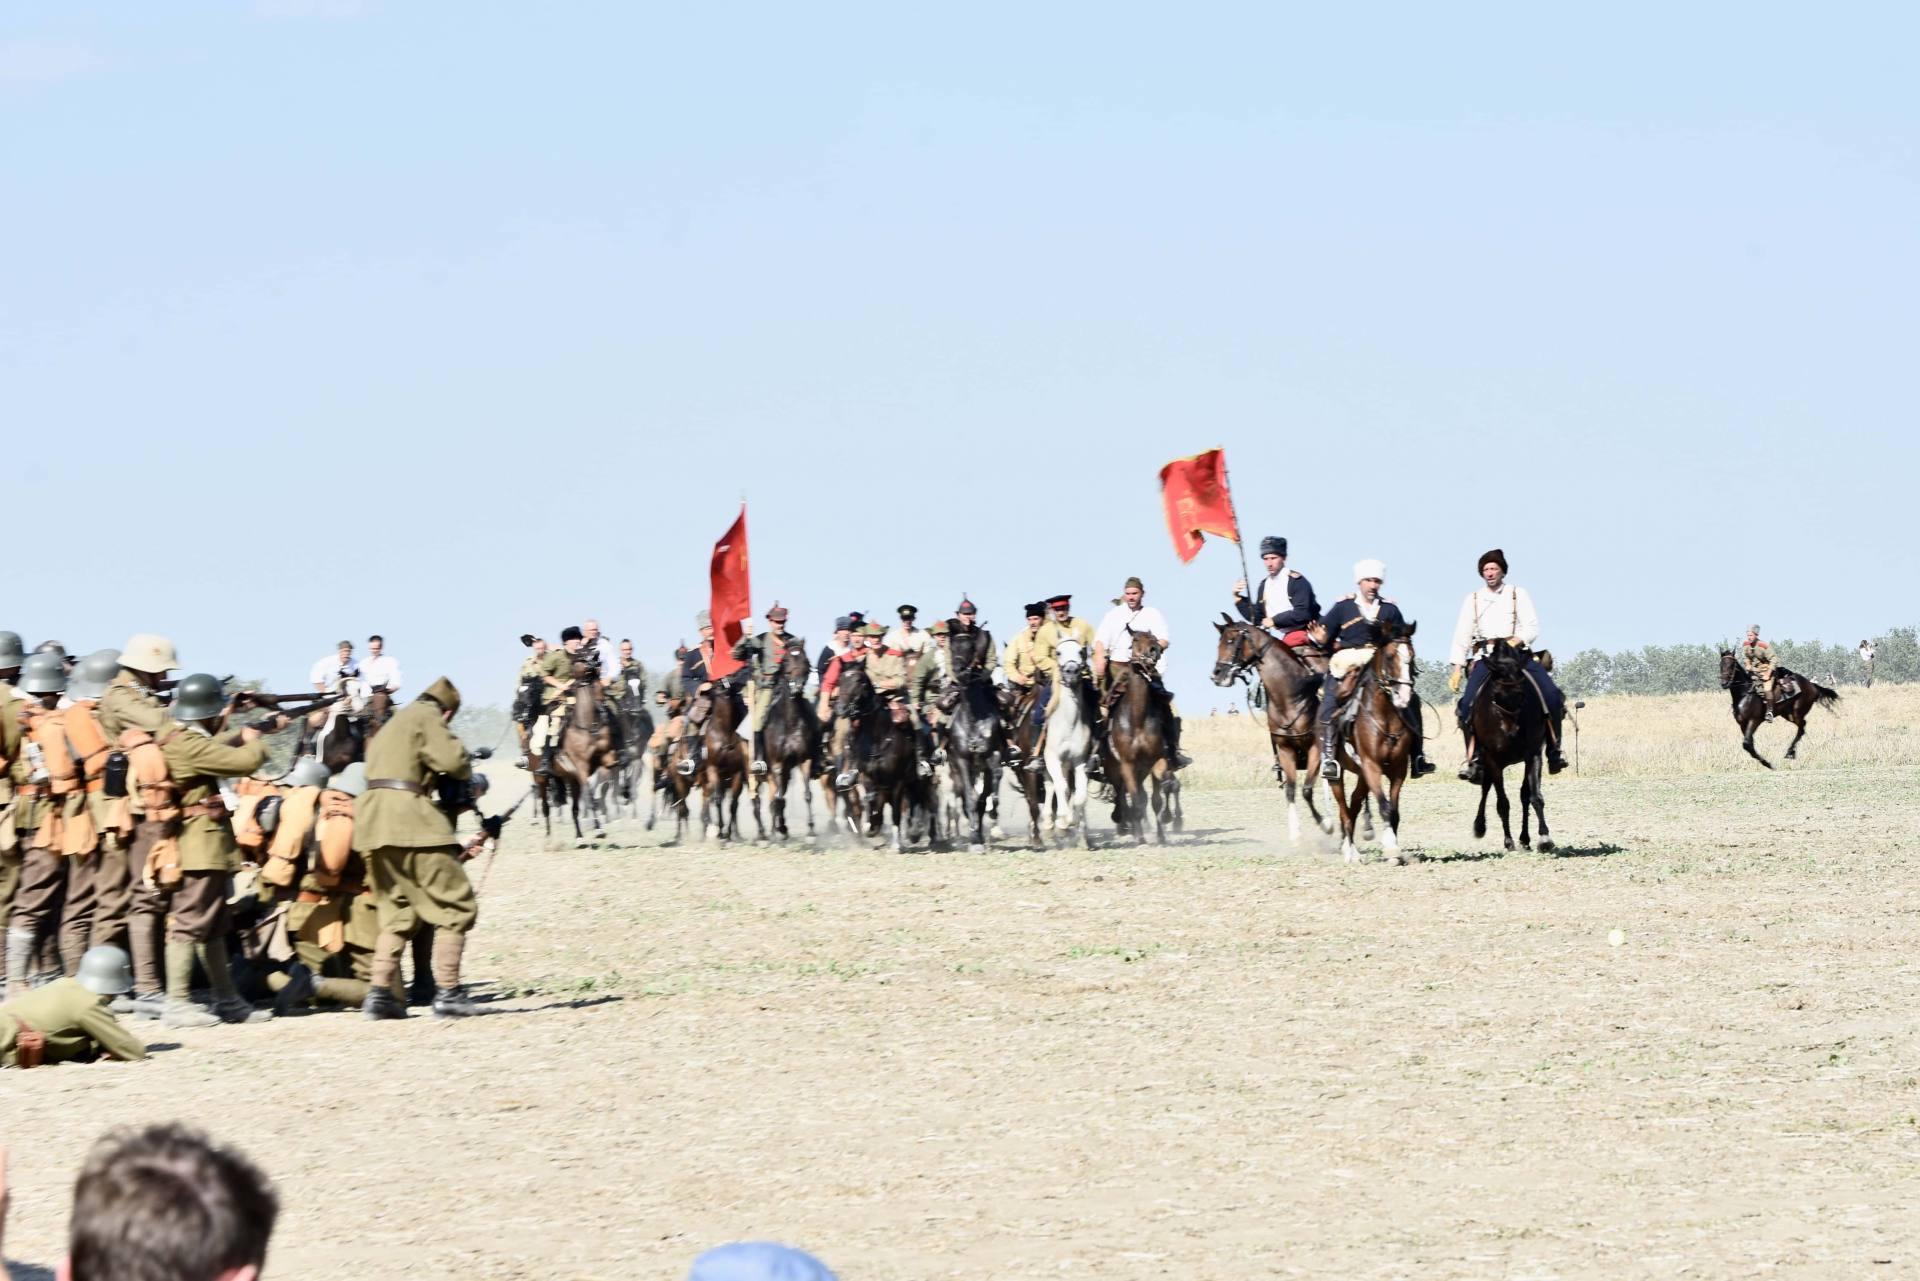 dsc 1020 Czas szabli - 100 rocznica bitwy pod Komarowem(zdjęcia)